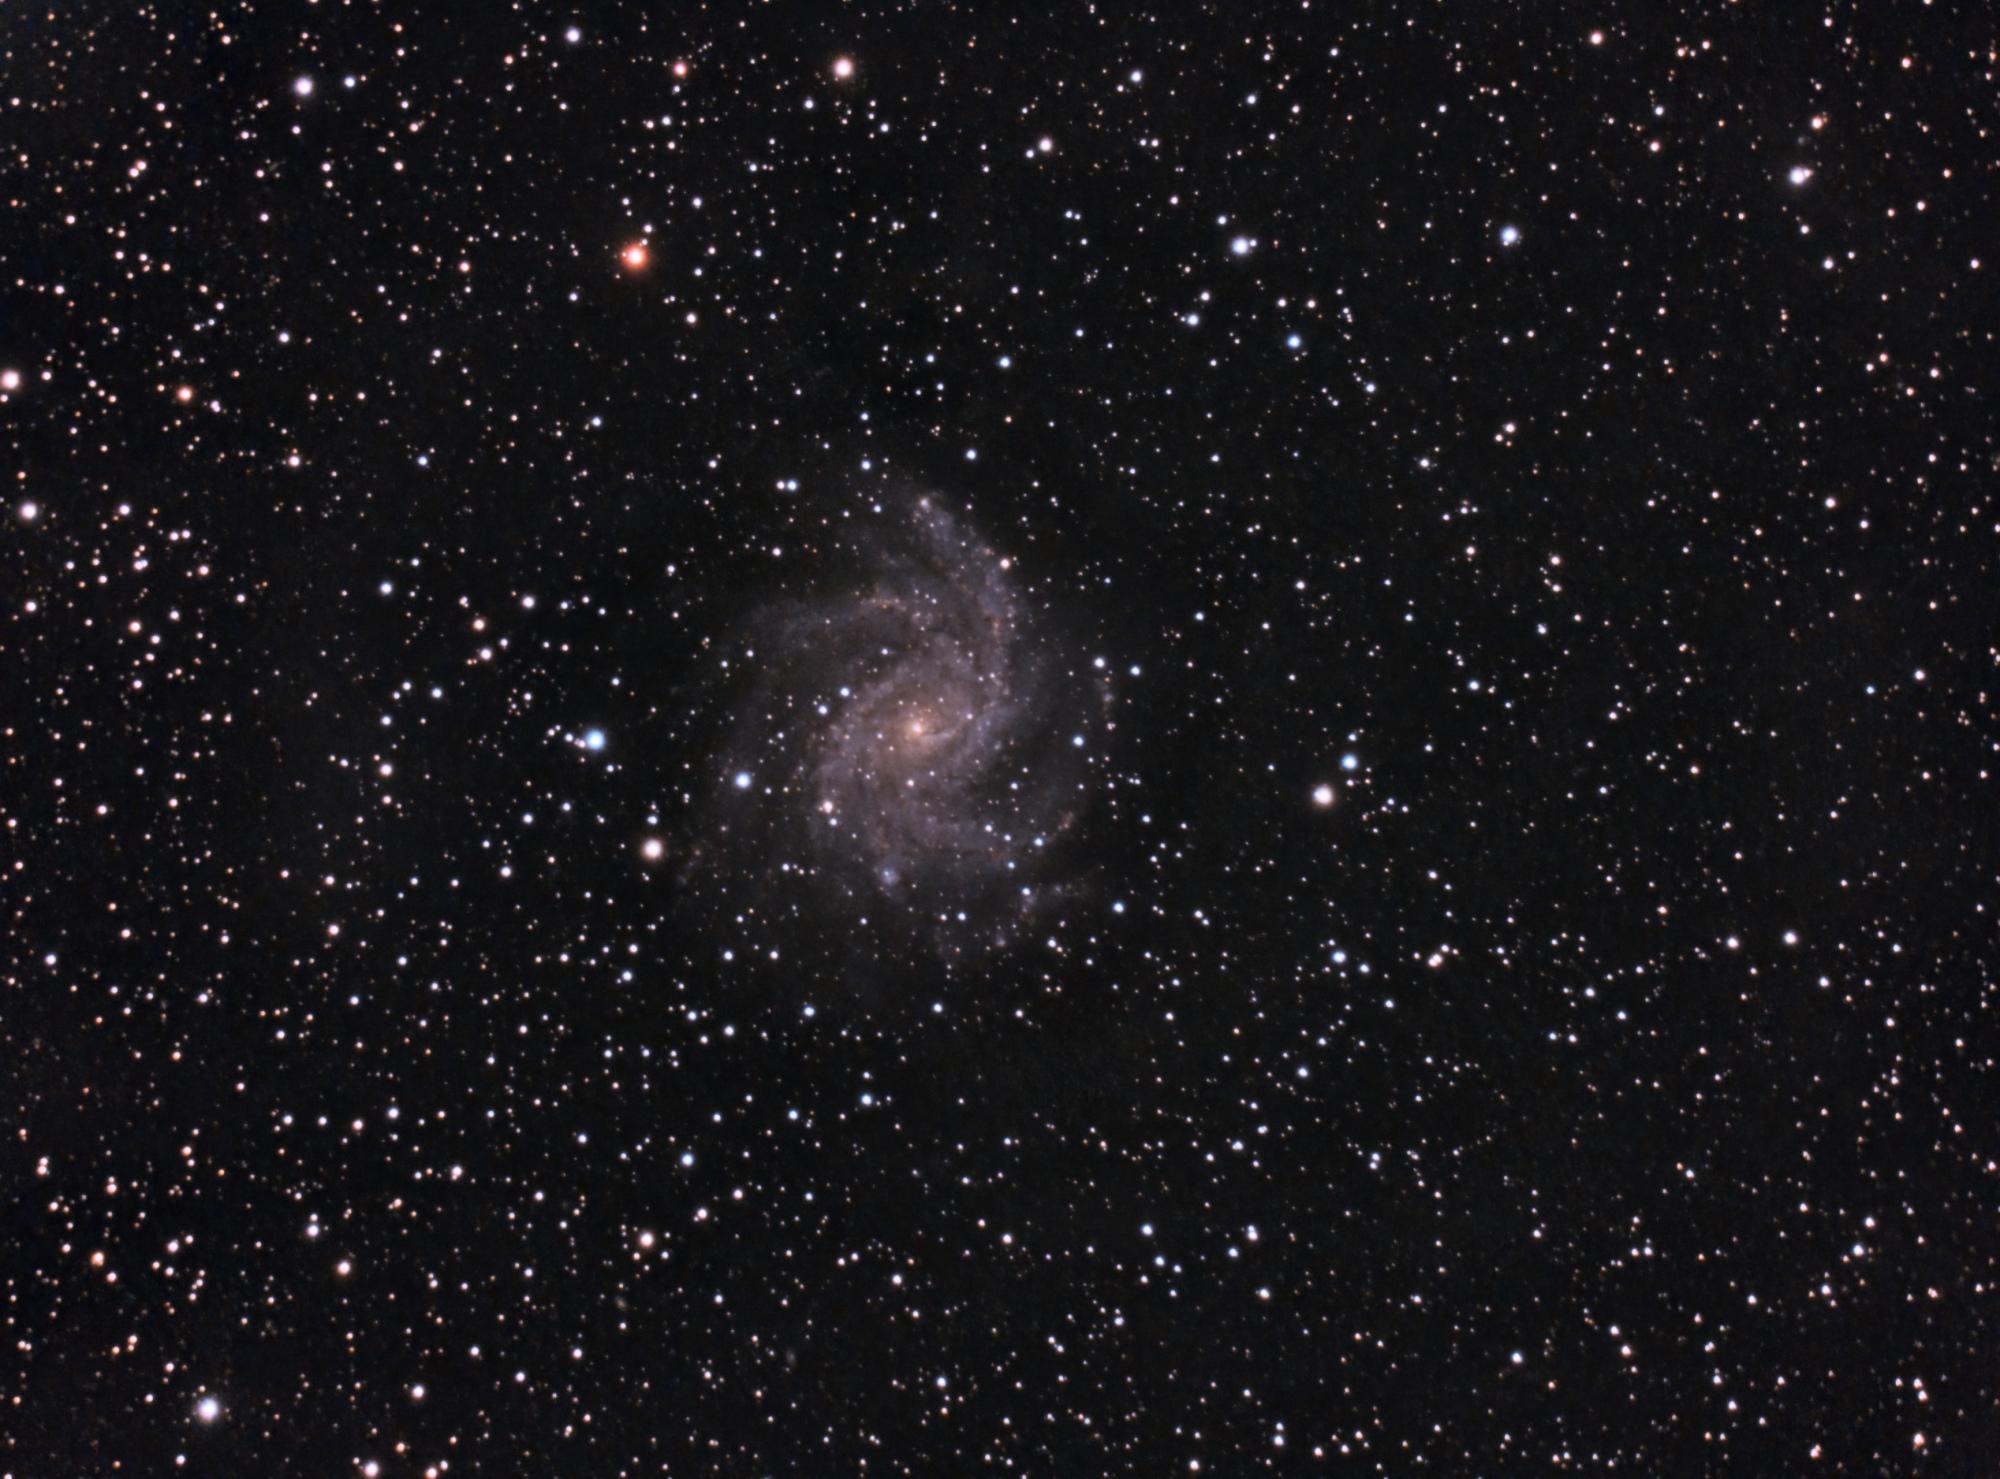 NGC6946_C8_finale.thumb.jpg.e47cce0a42825f8a092389795fb4d680.jpg